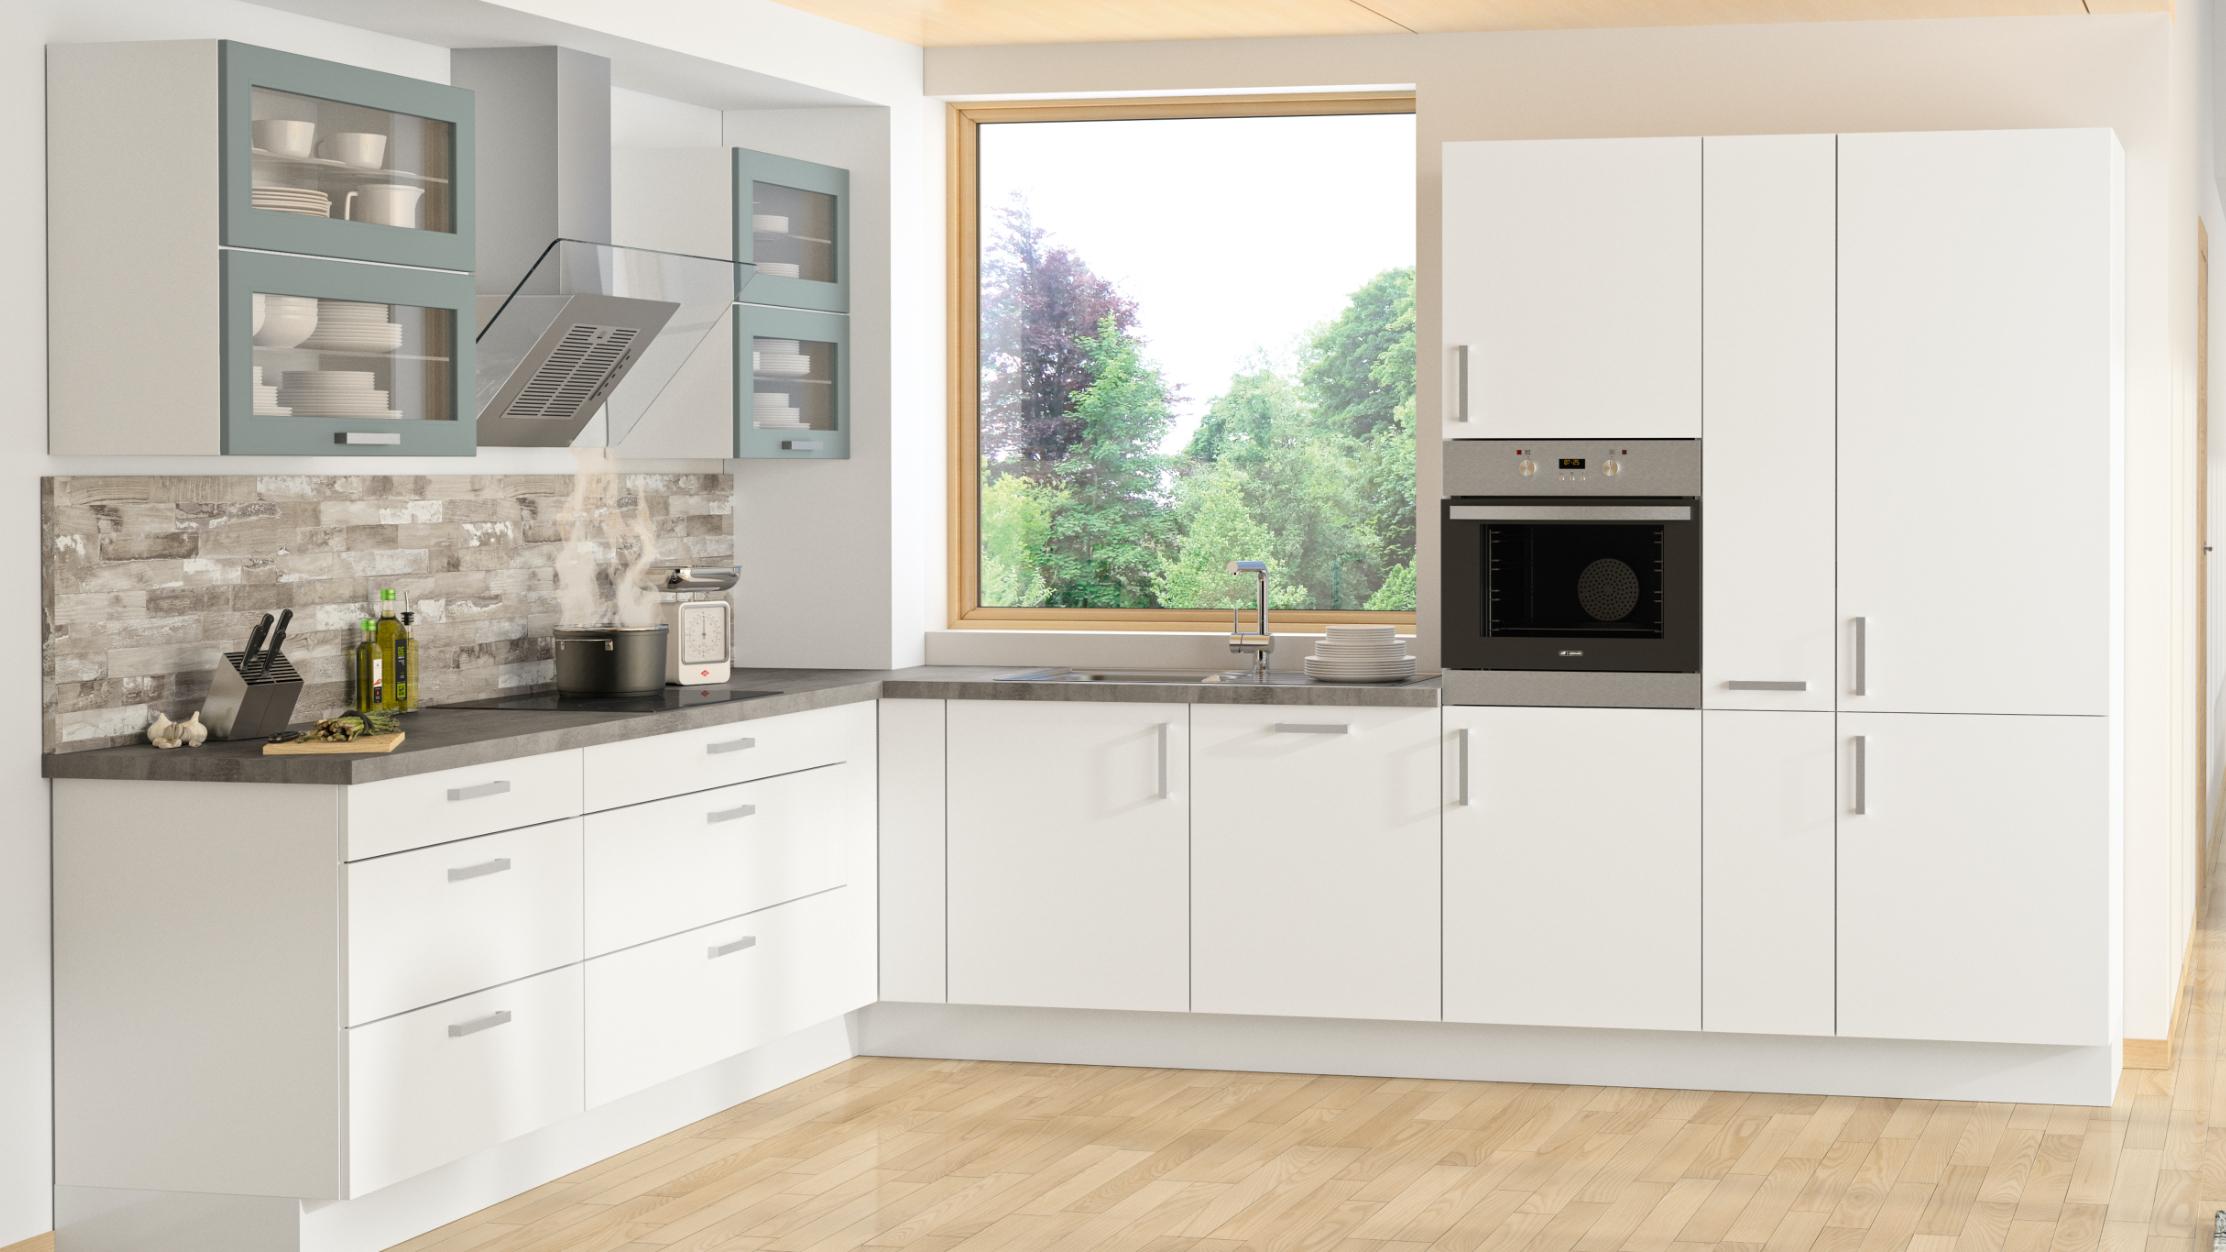 Full Size of Einbauküche Mit Elektrogeräte Komplett Einbauküche Mit Elektrogeräten 220 Cm Einbauküche Elektrogeräte Set Einbauküchen Mit Elektrogeräten L Form Küche Einbauküche Mit Elektrogeräten